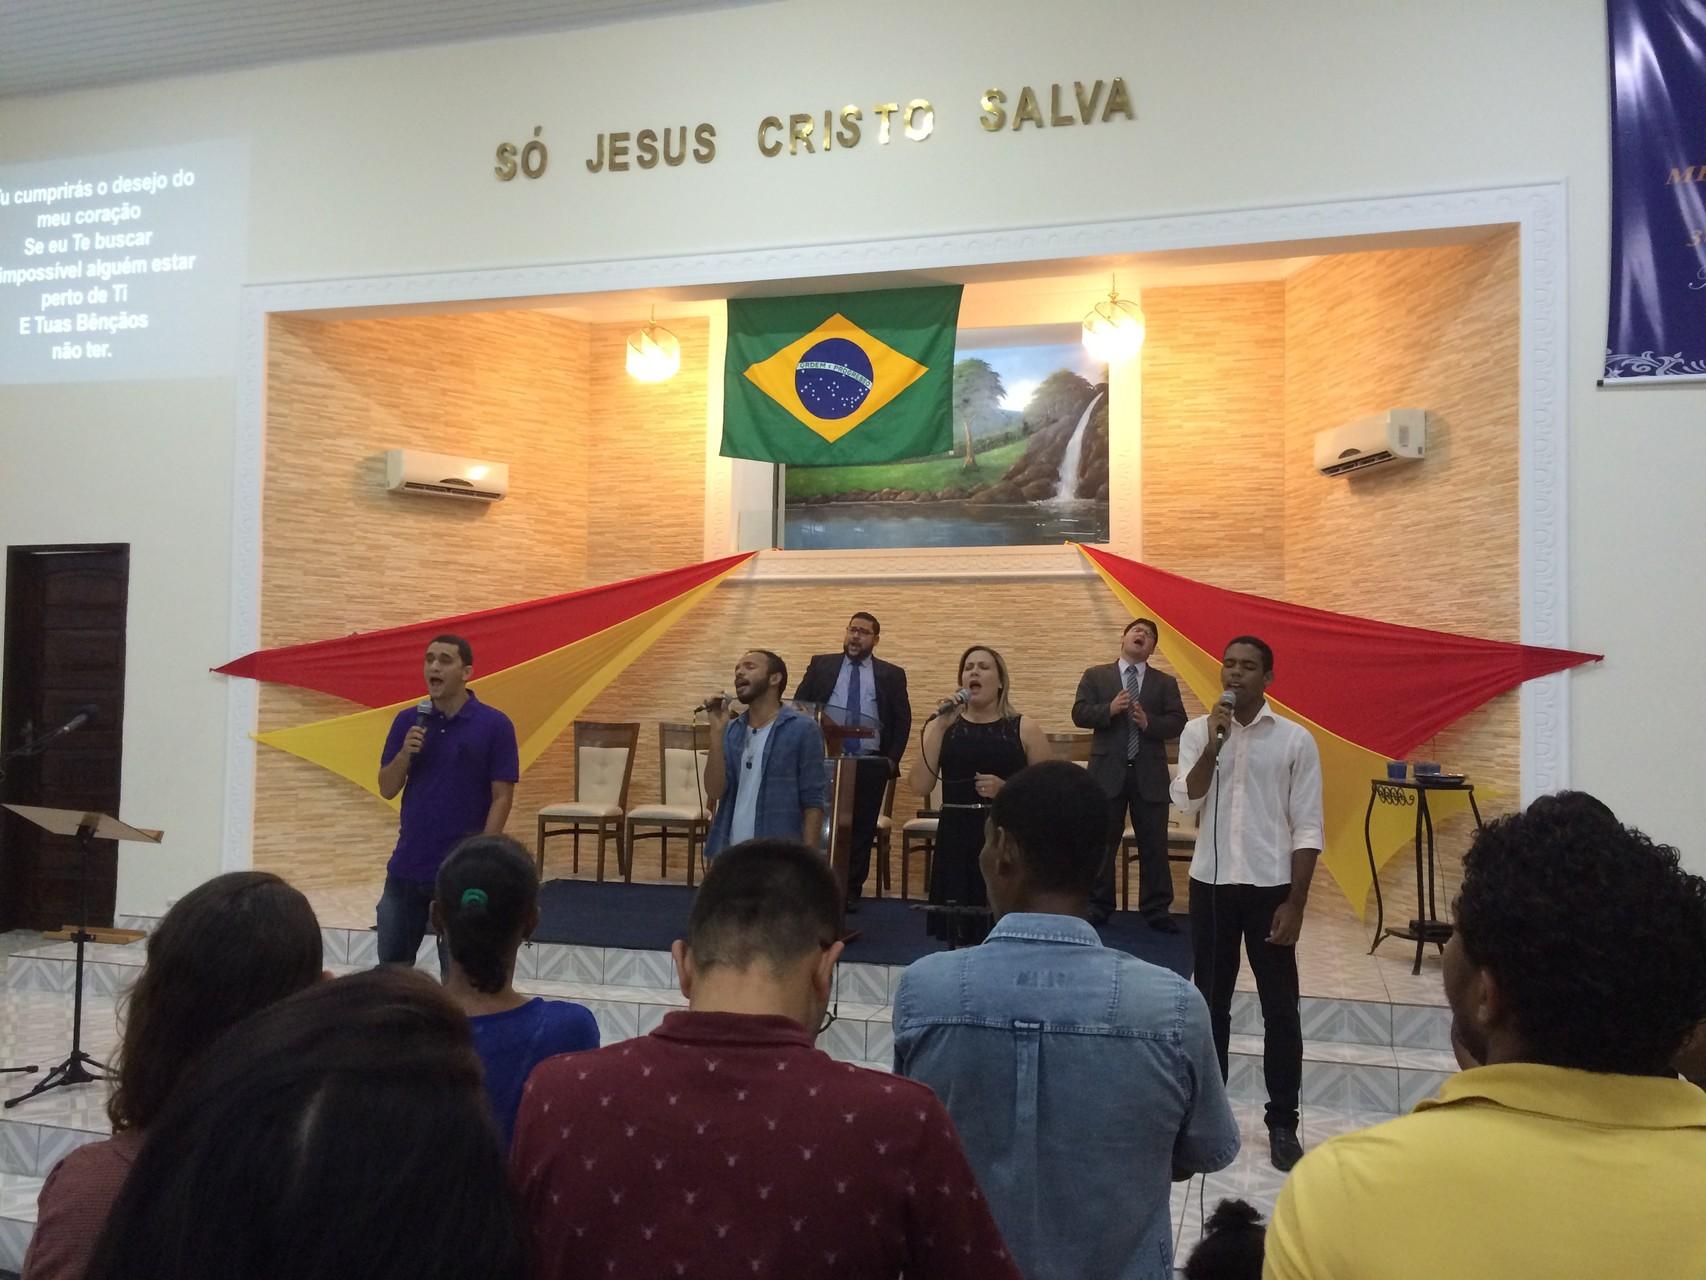 Besuch in einer Freikirche in Olinda